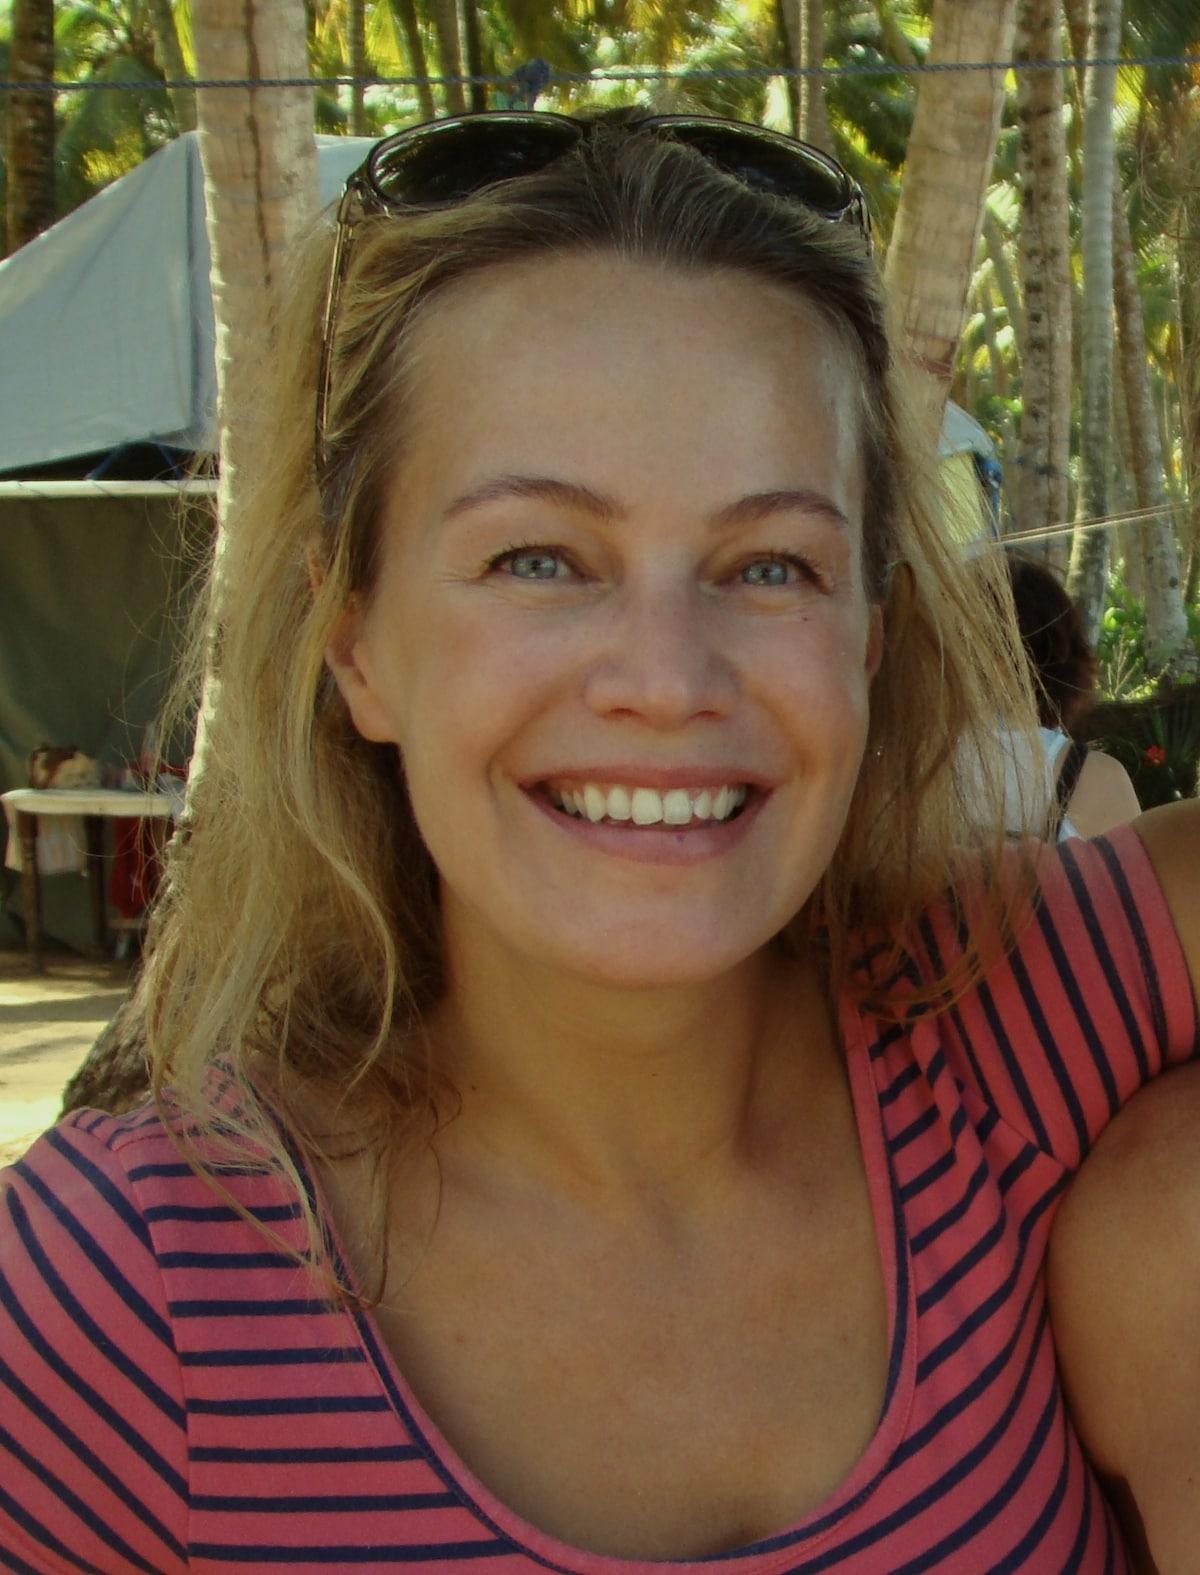 Nathalie From Las Terrenas, Dominican Republic